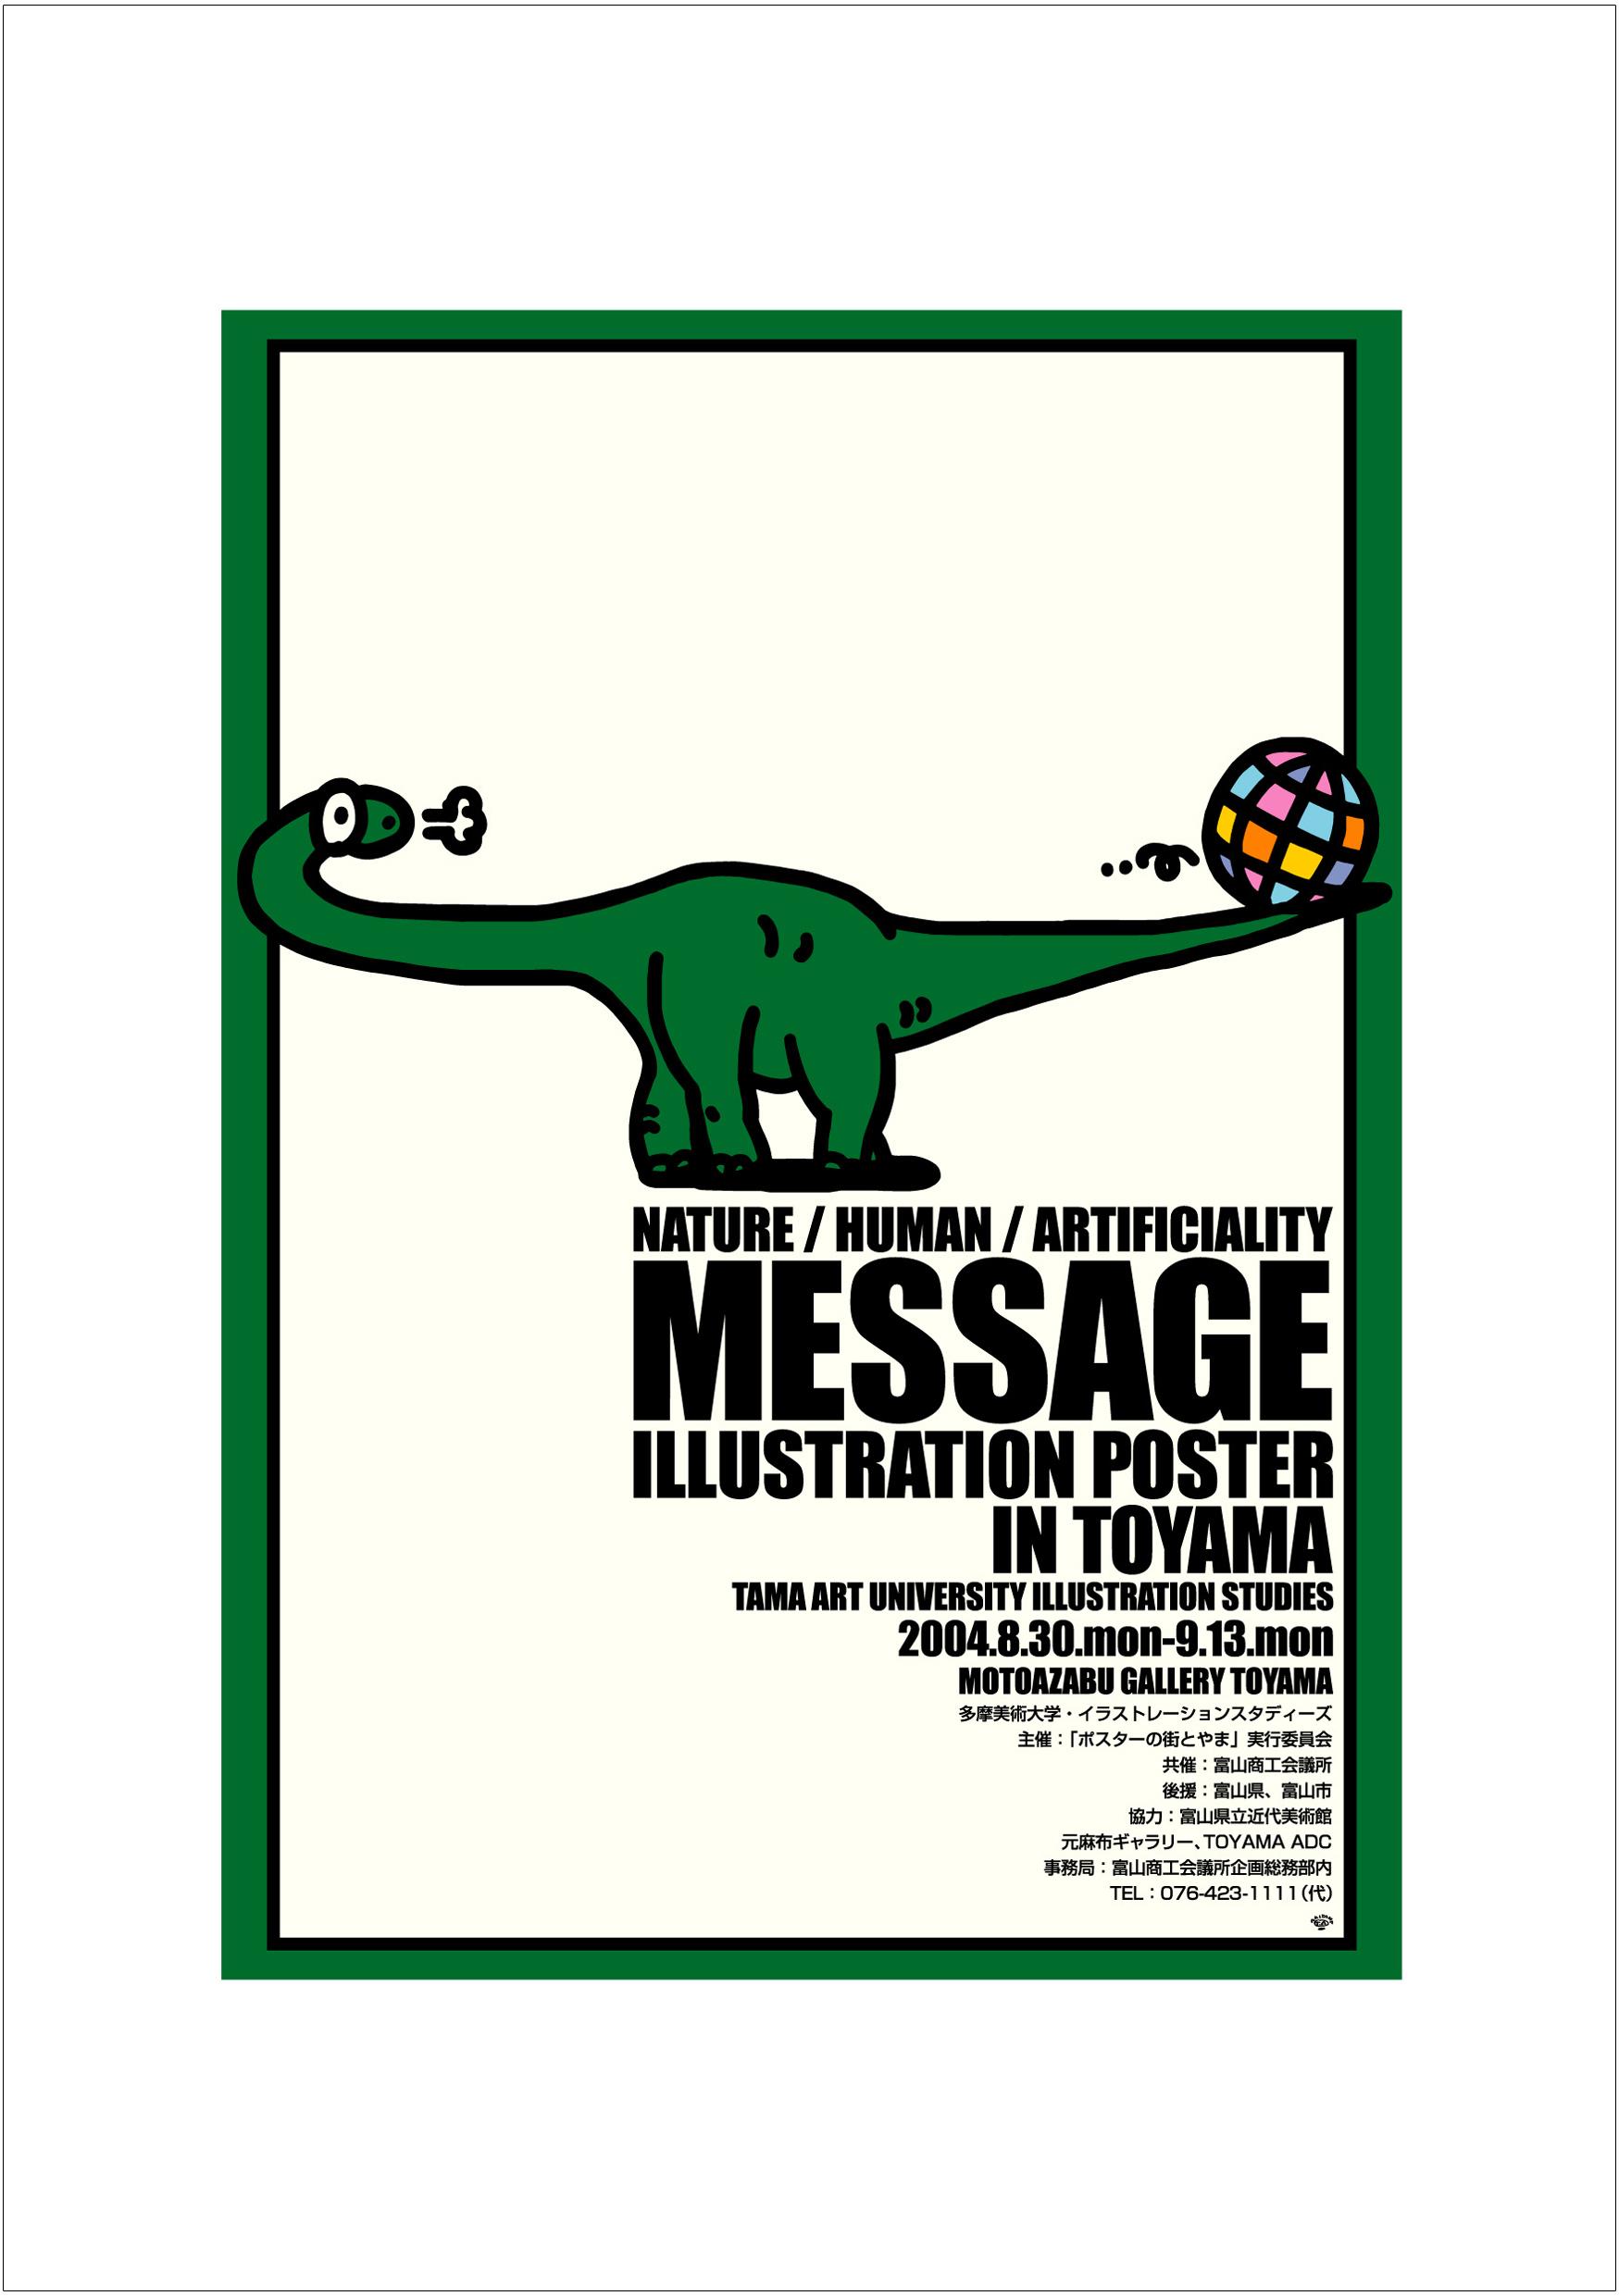 ポスターアーティスト秋山孝が2004年に制作したアートカード「アートカード ポスター 2004 05」